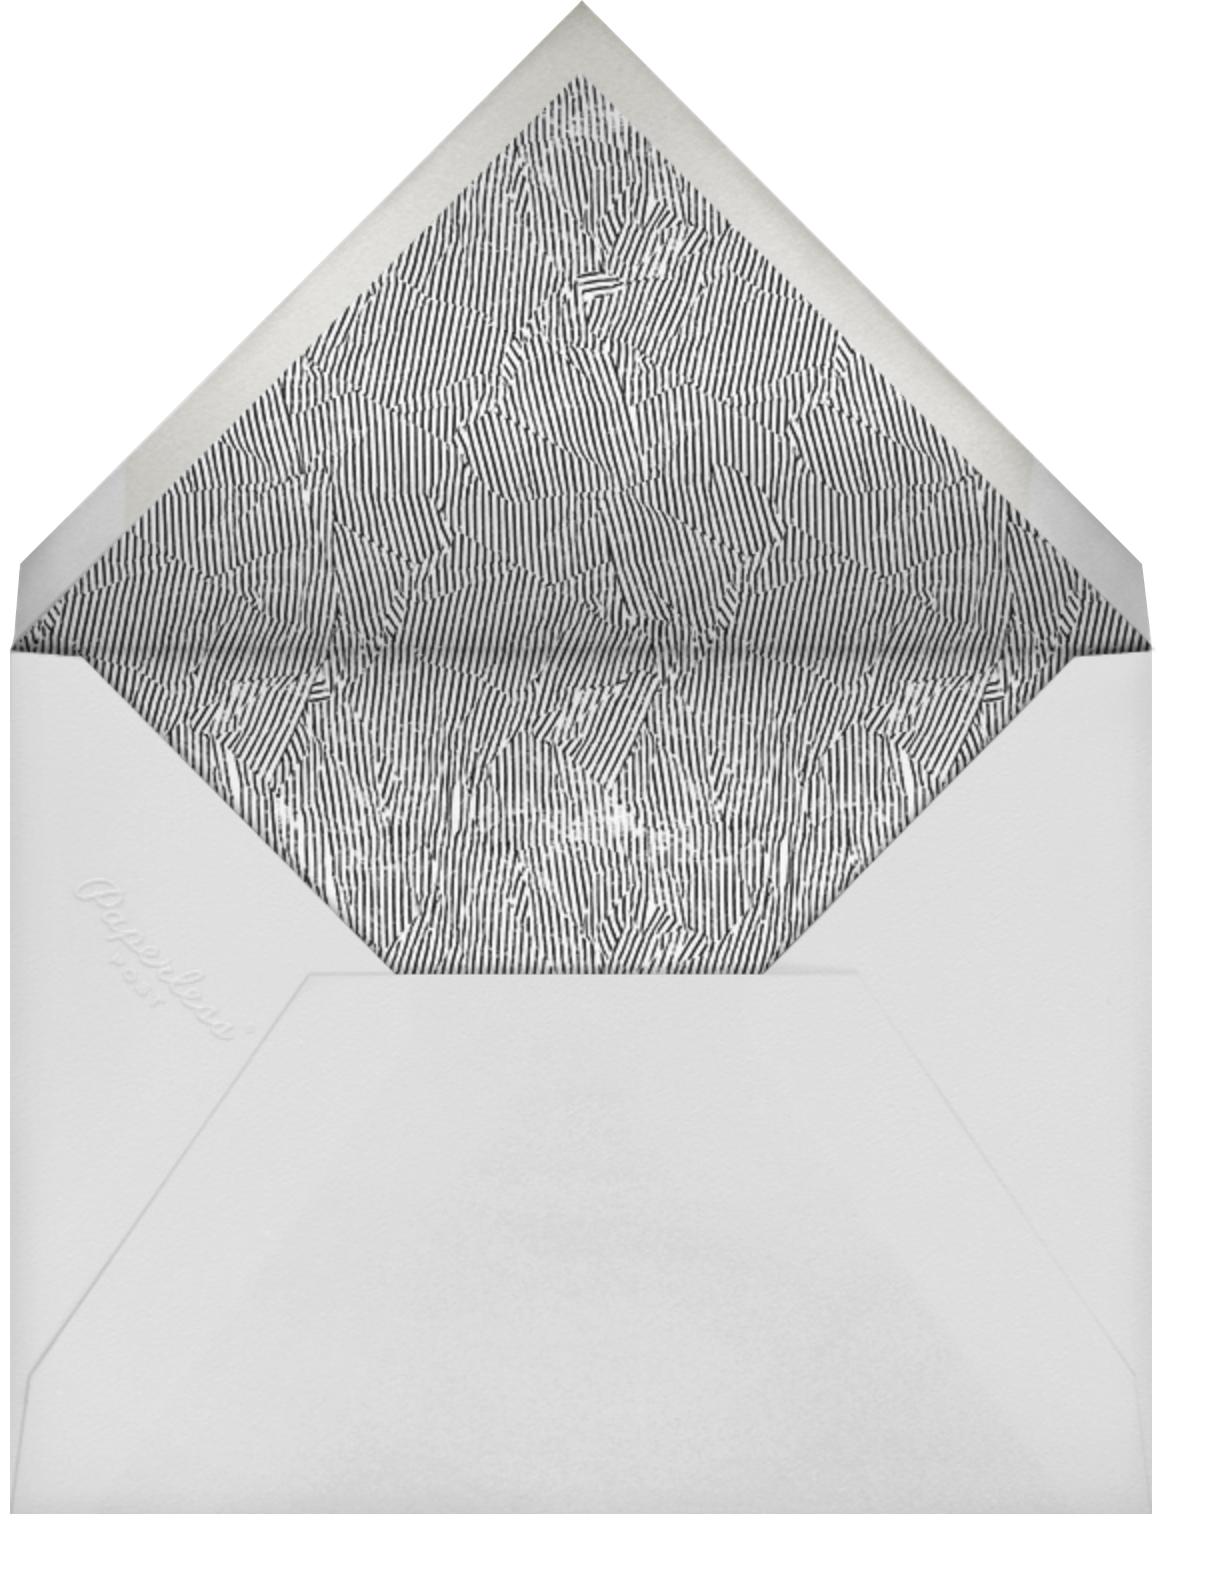 Tilt - Gold - Kelly Wearstler - Winter parties - envelope back